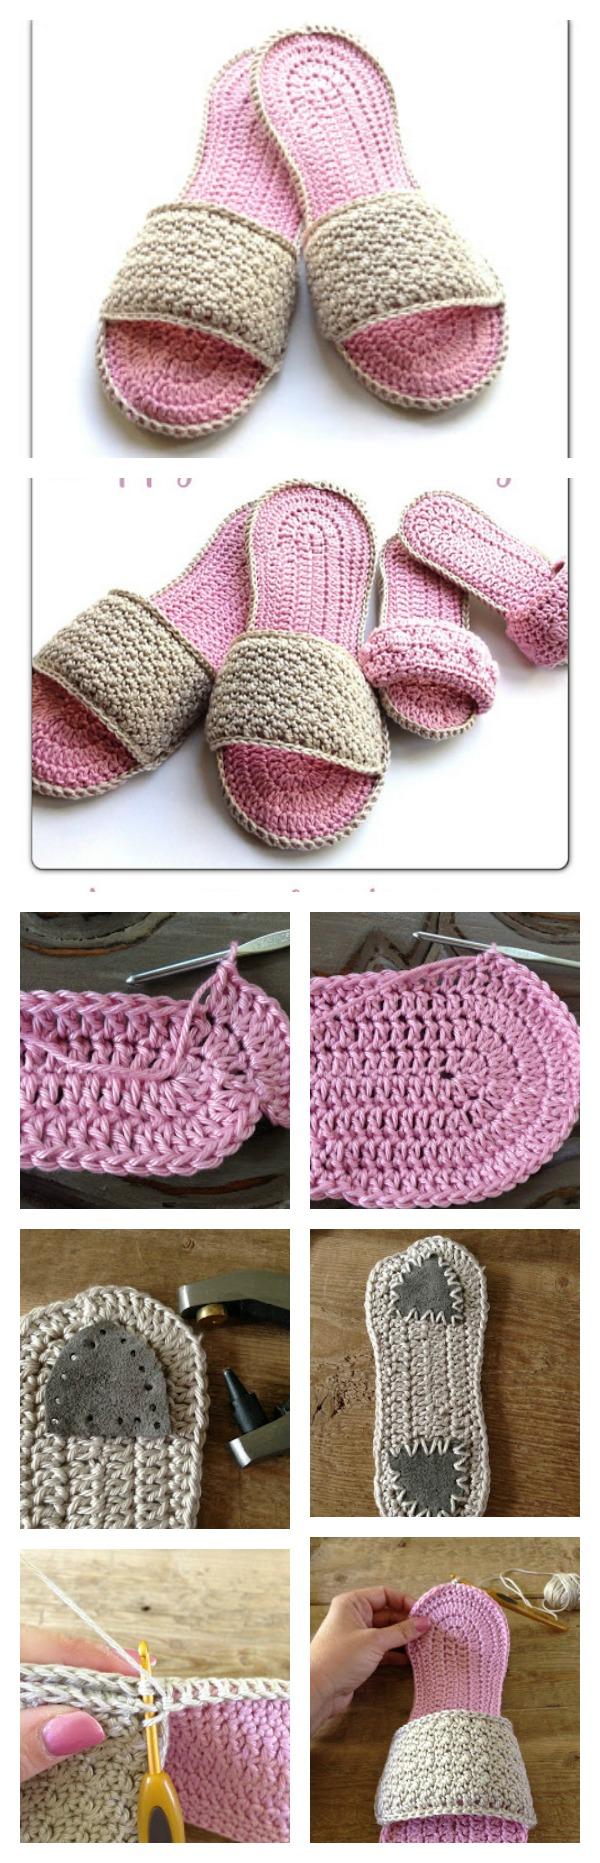 patron-zapatillas-crochet-esquema-tutorial-otakulandia.es (6)